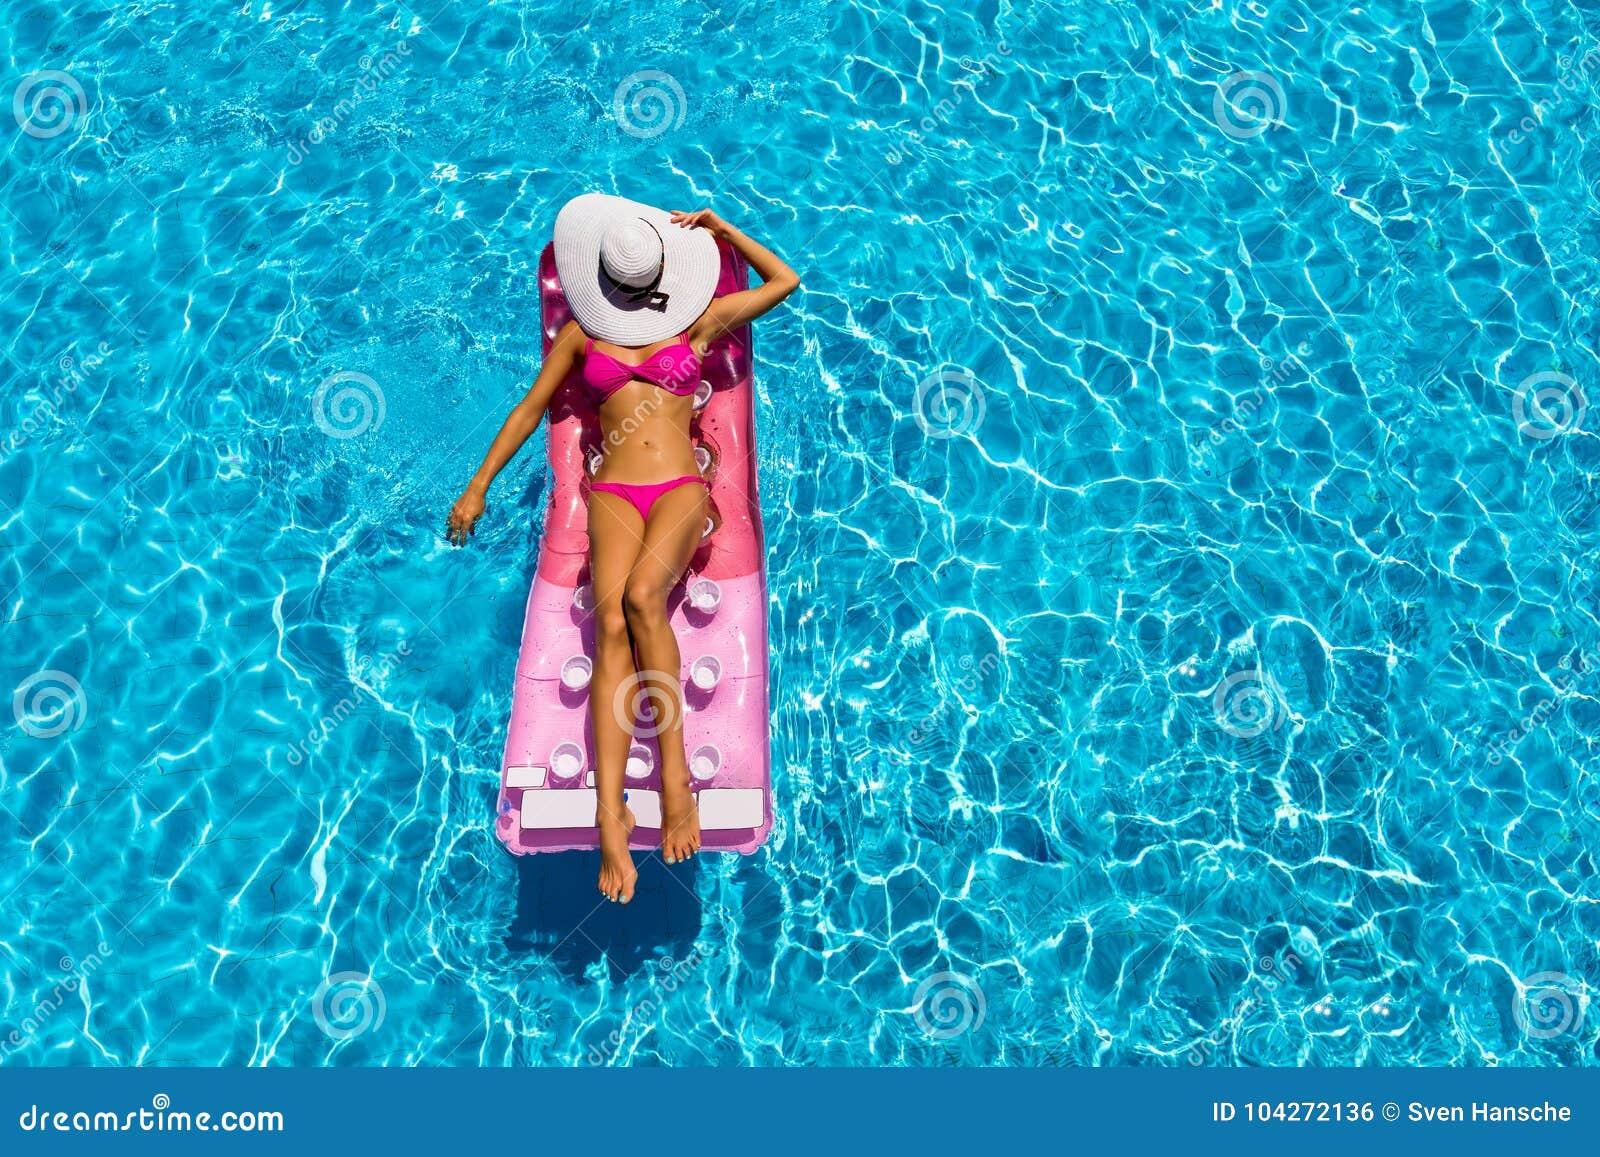 Attraktive Frau ist auf einer sich hin- und herbewegenden Matratze in einem Pool entspannend